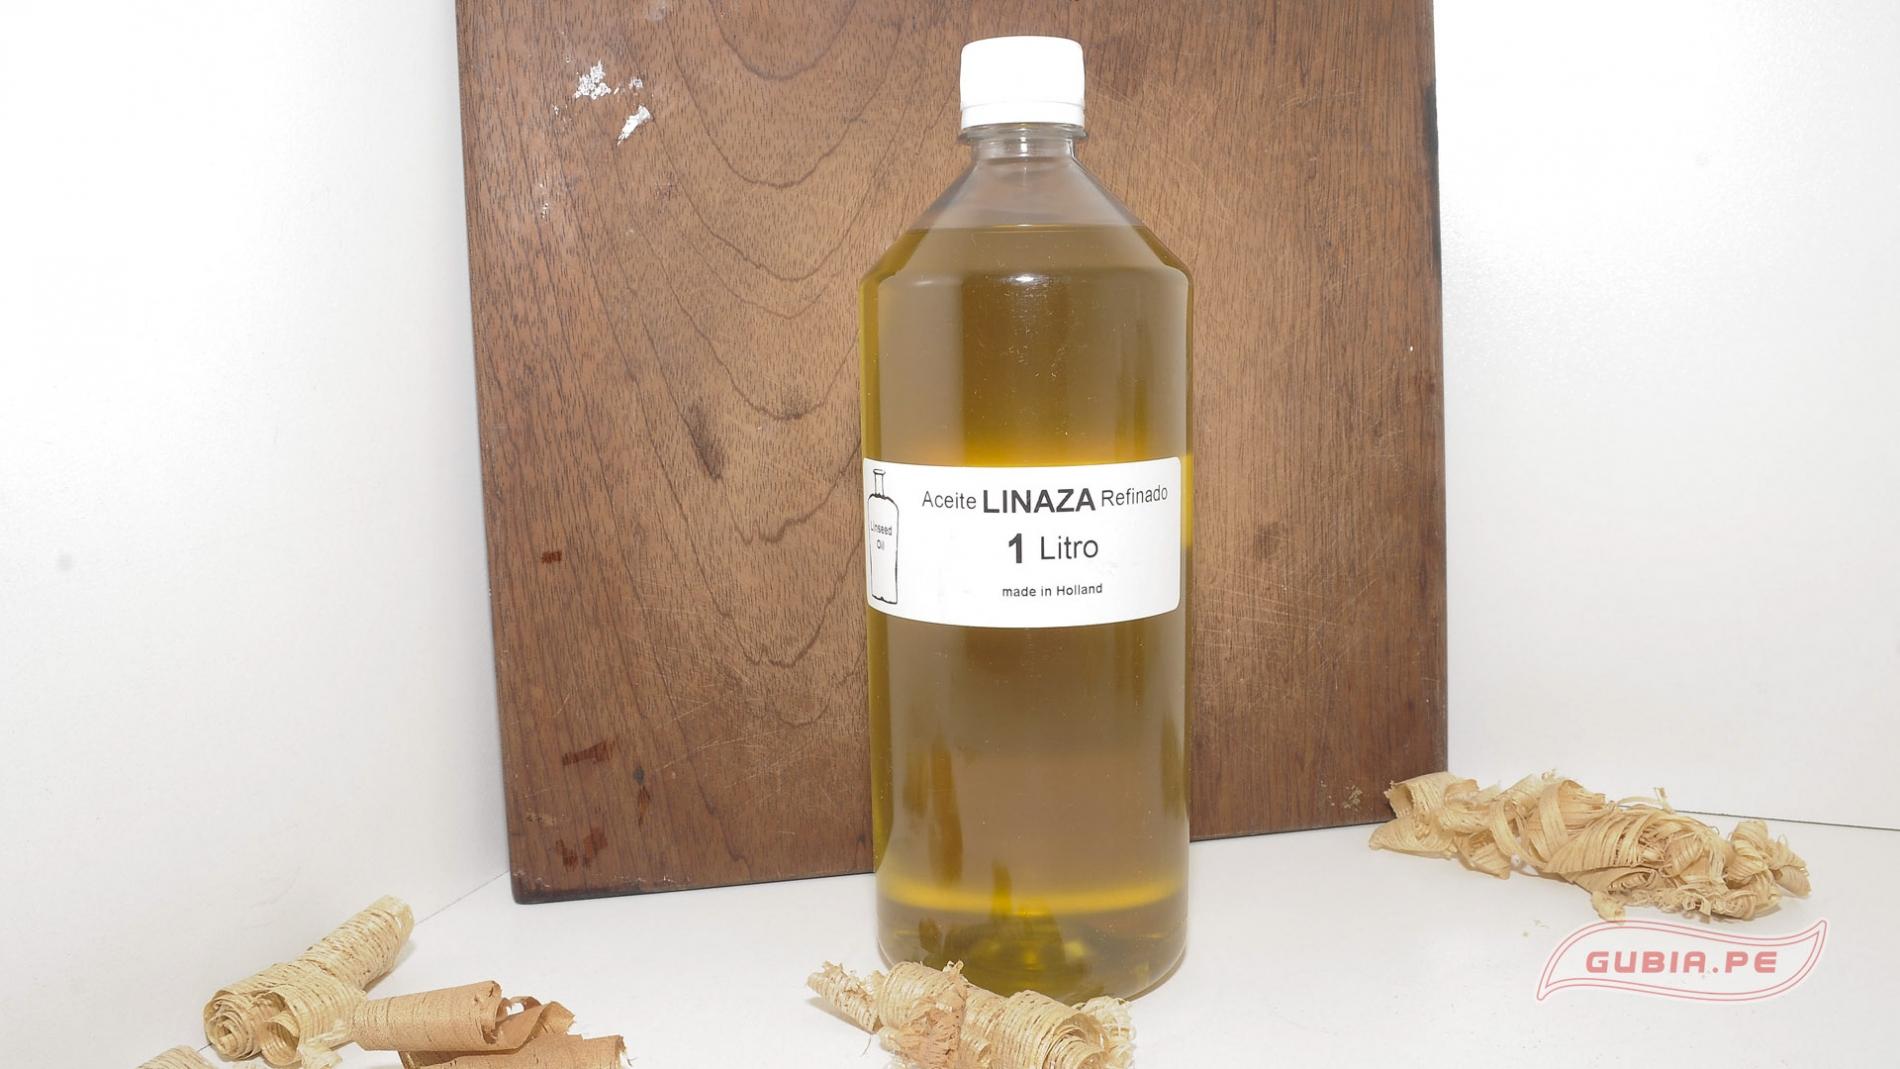 GUB0039-Aceite de Linaza 1litro acabado de madera y antipolillas GUB0039-max-1.